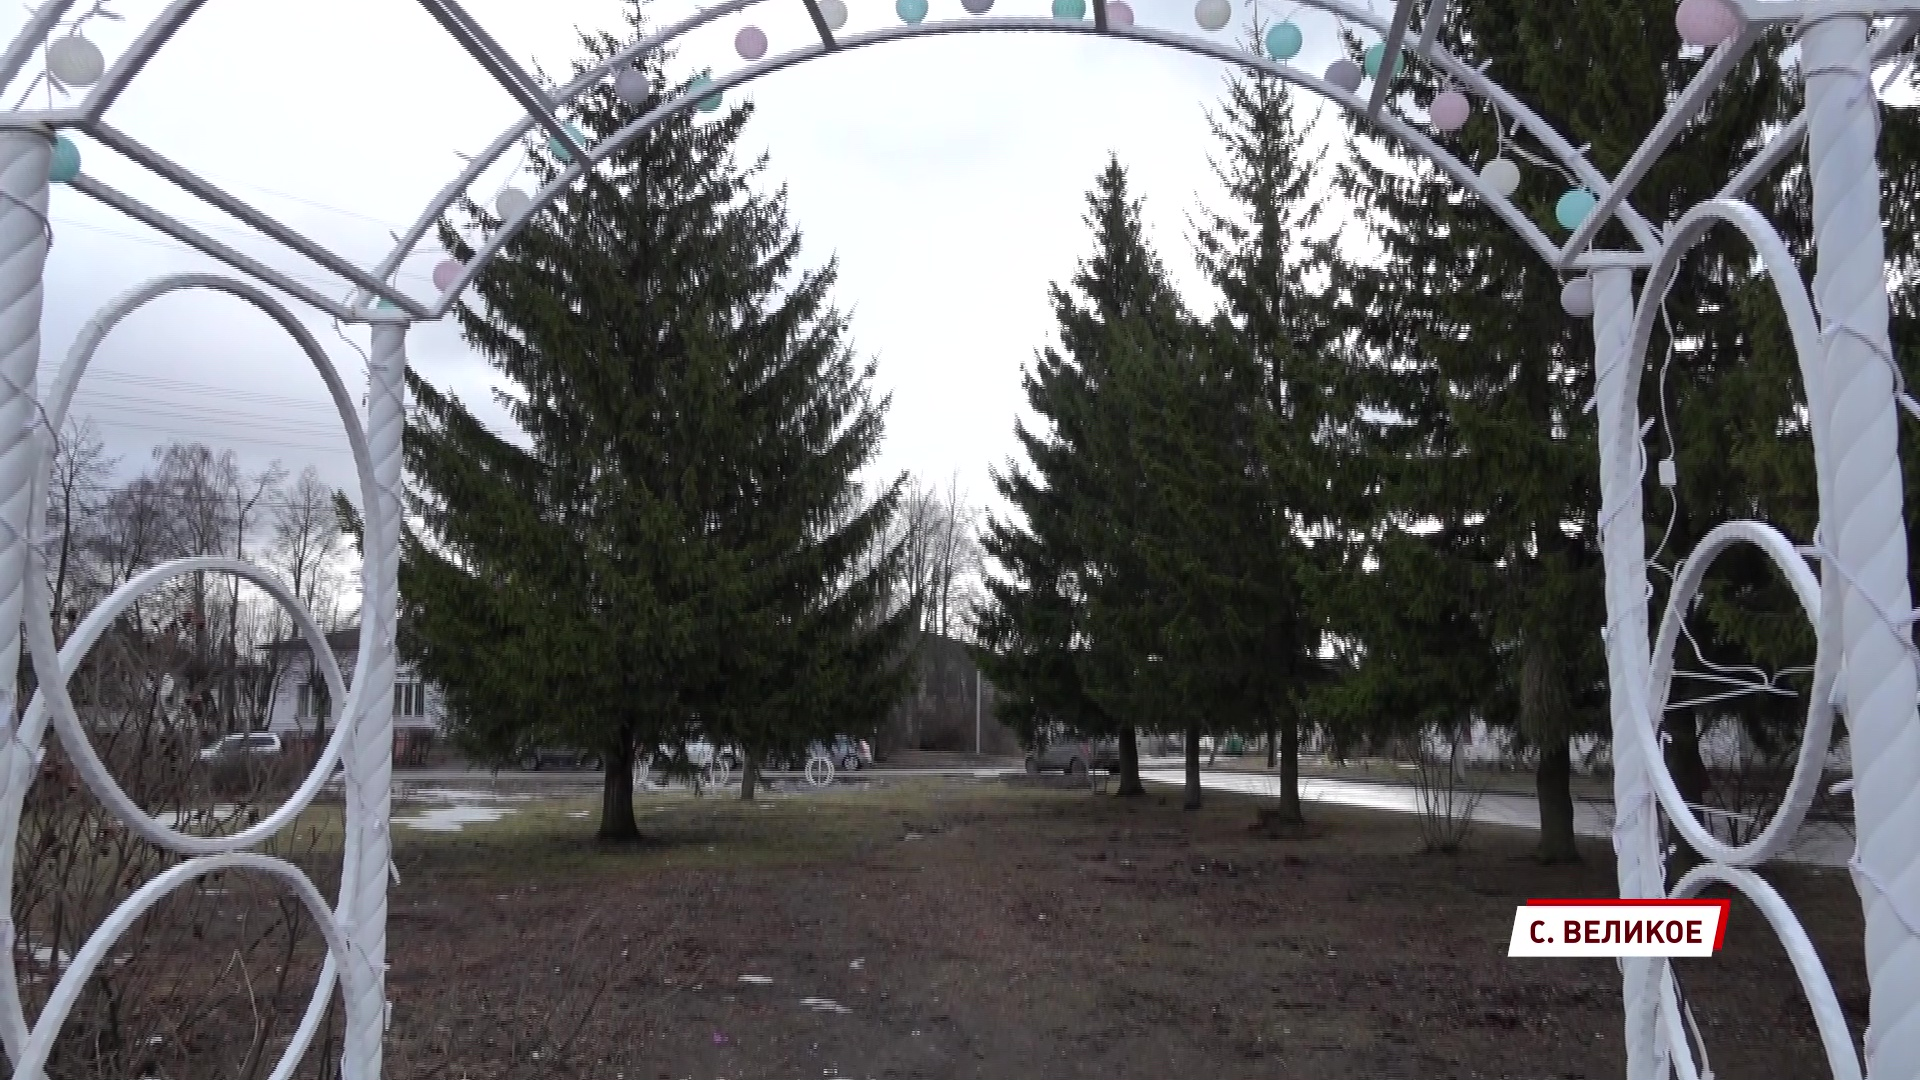 В селе Великом Гаврилов-Ямского района появятся благоустроенный сквер и спортивная площадка